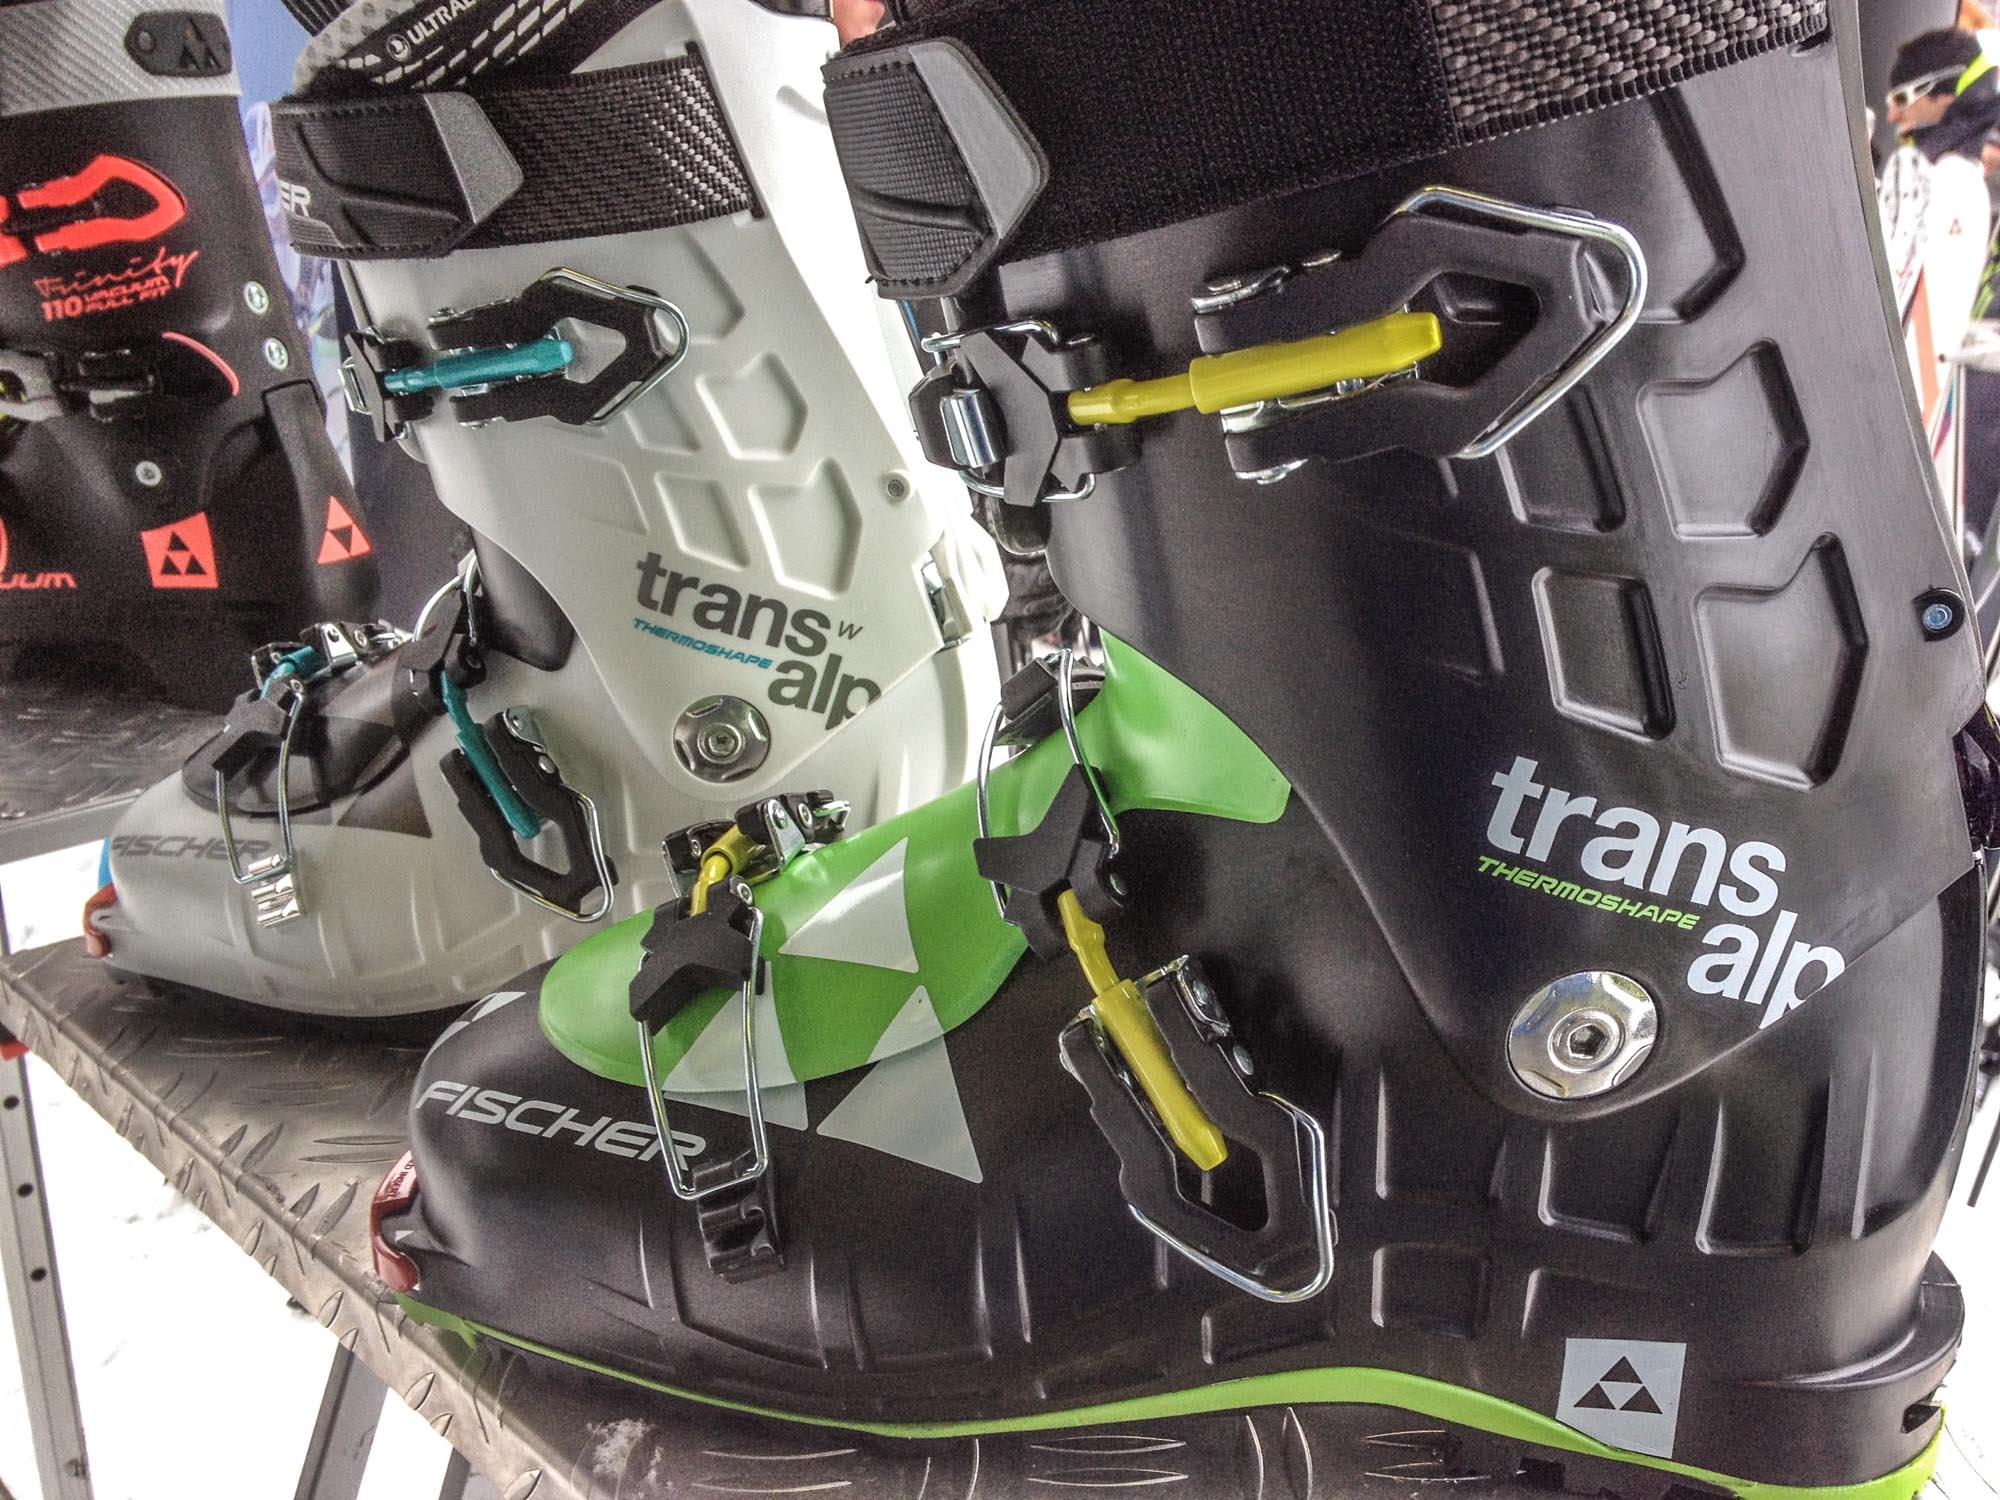 Chaussures Transalp de Fischer